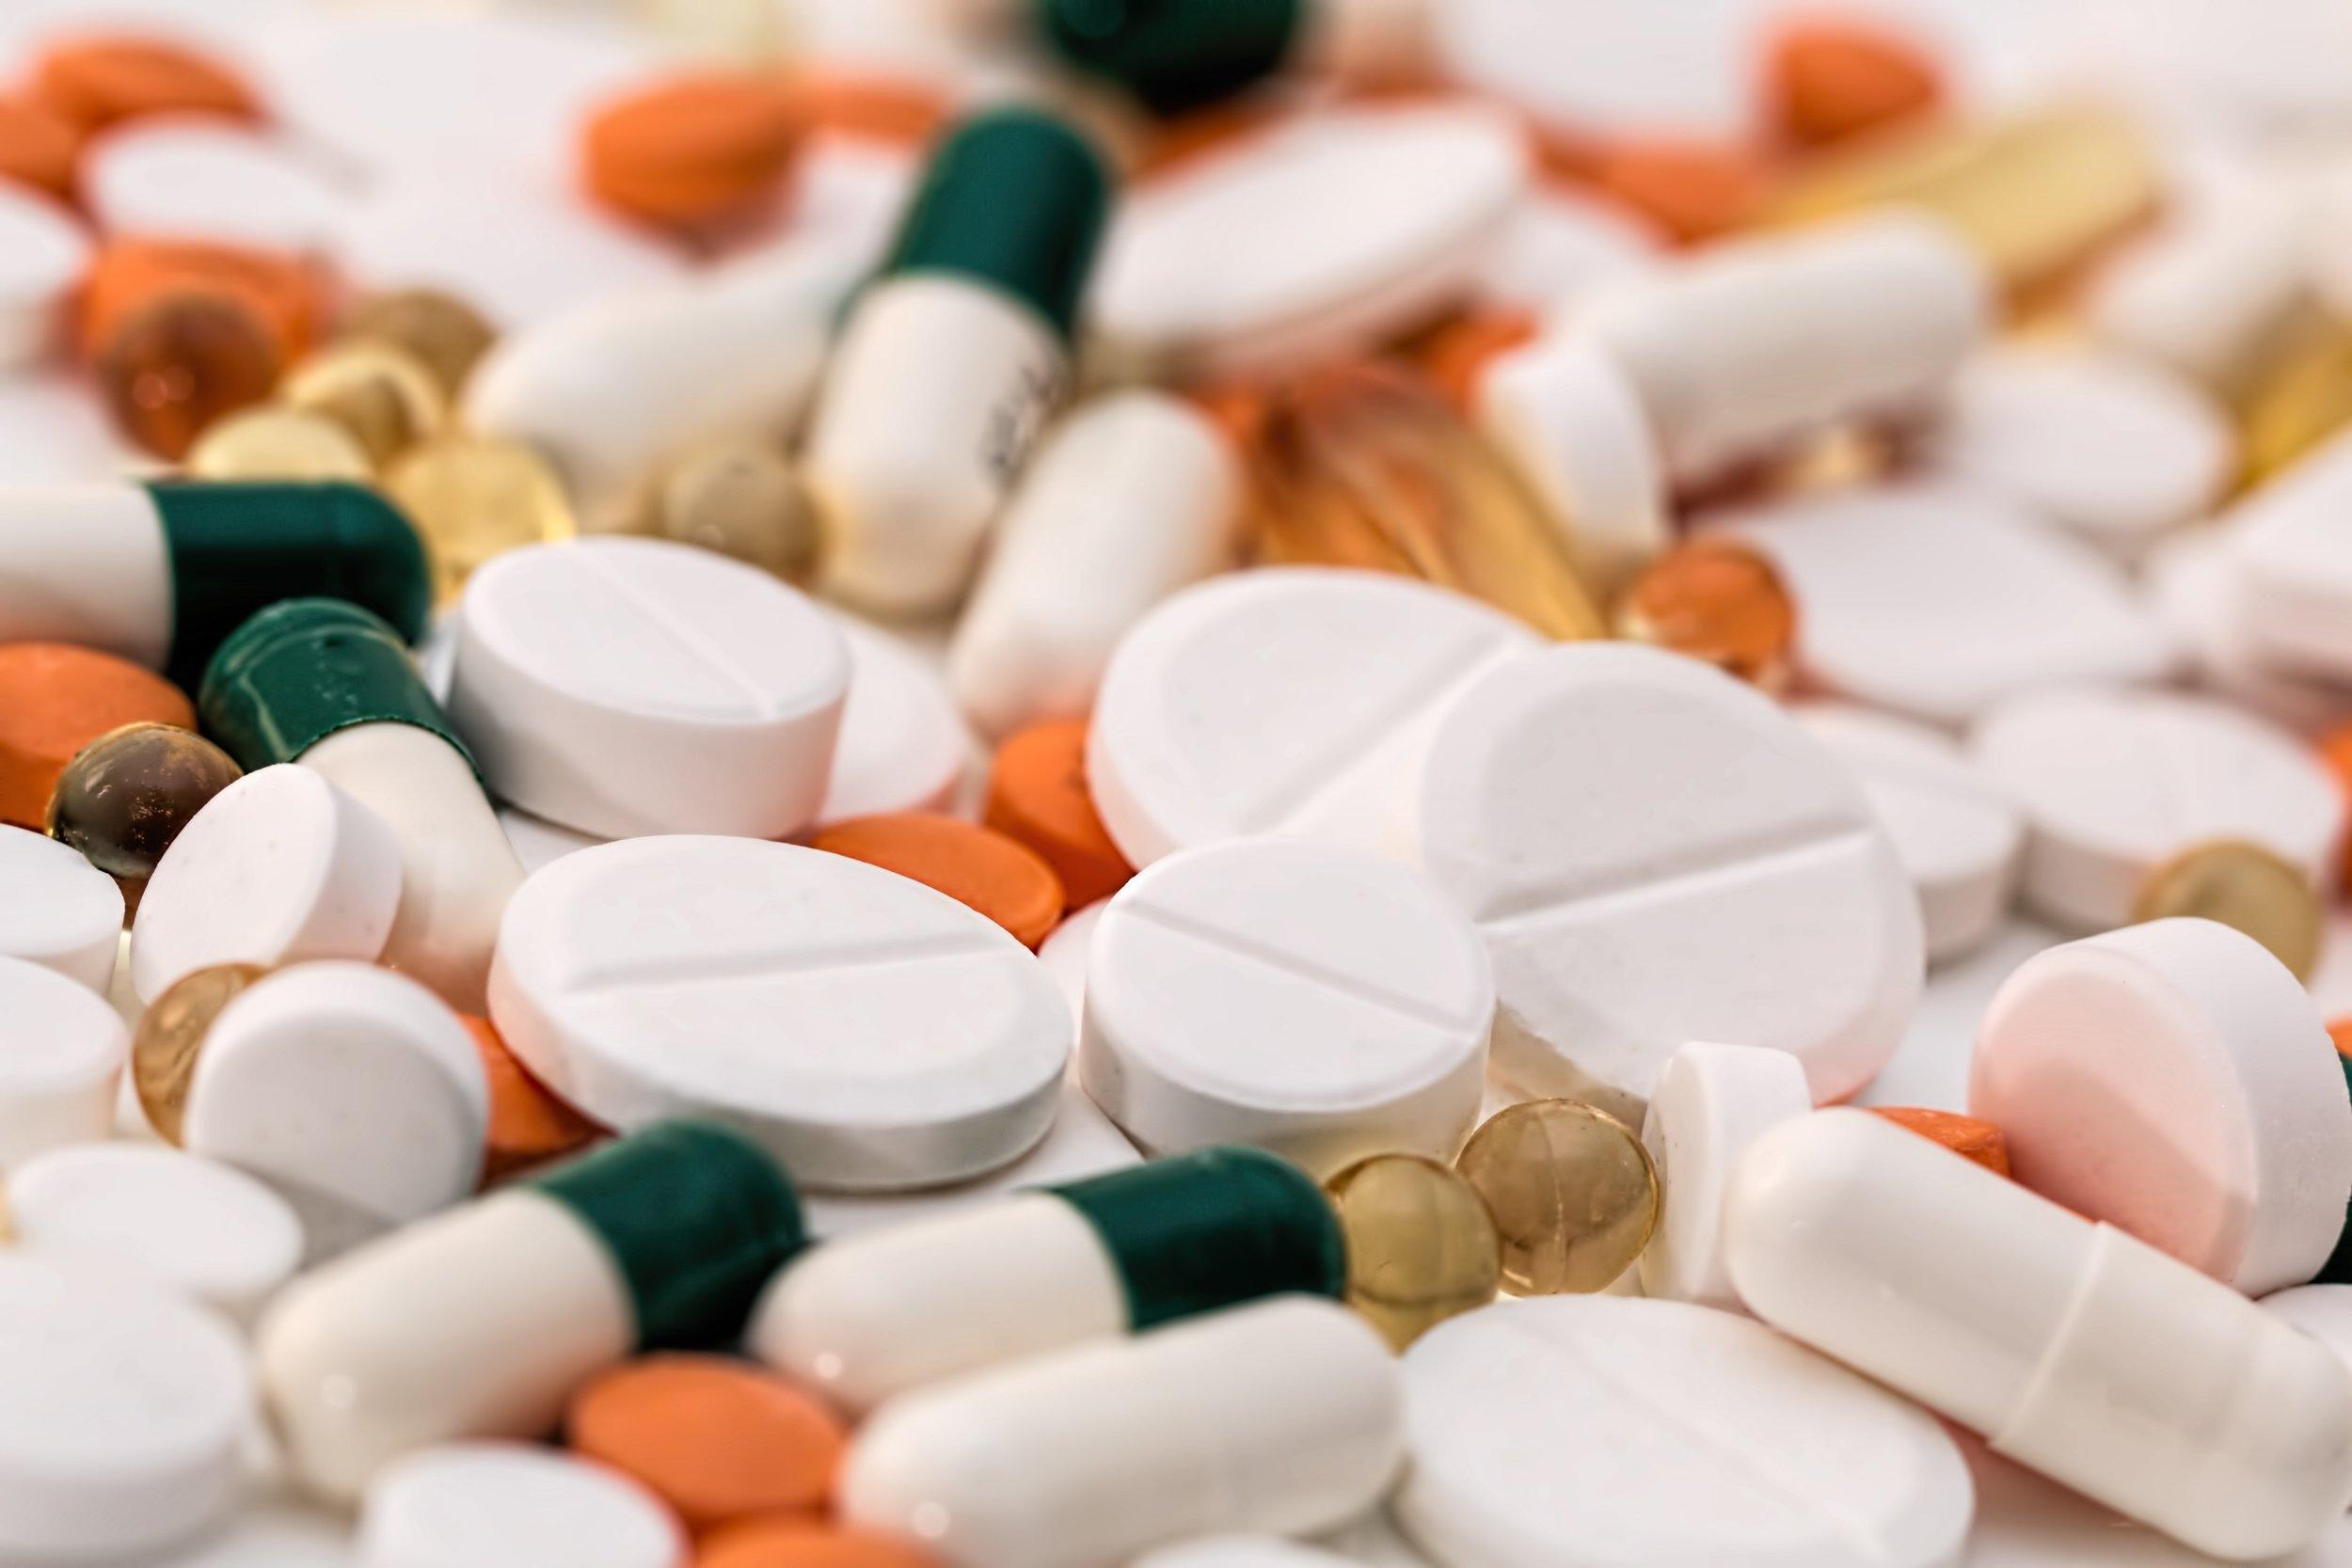 addiction-antibiotic-capsules-159211.jpg